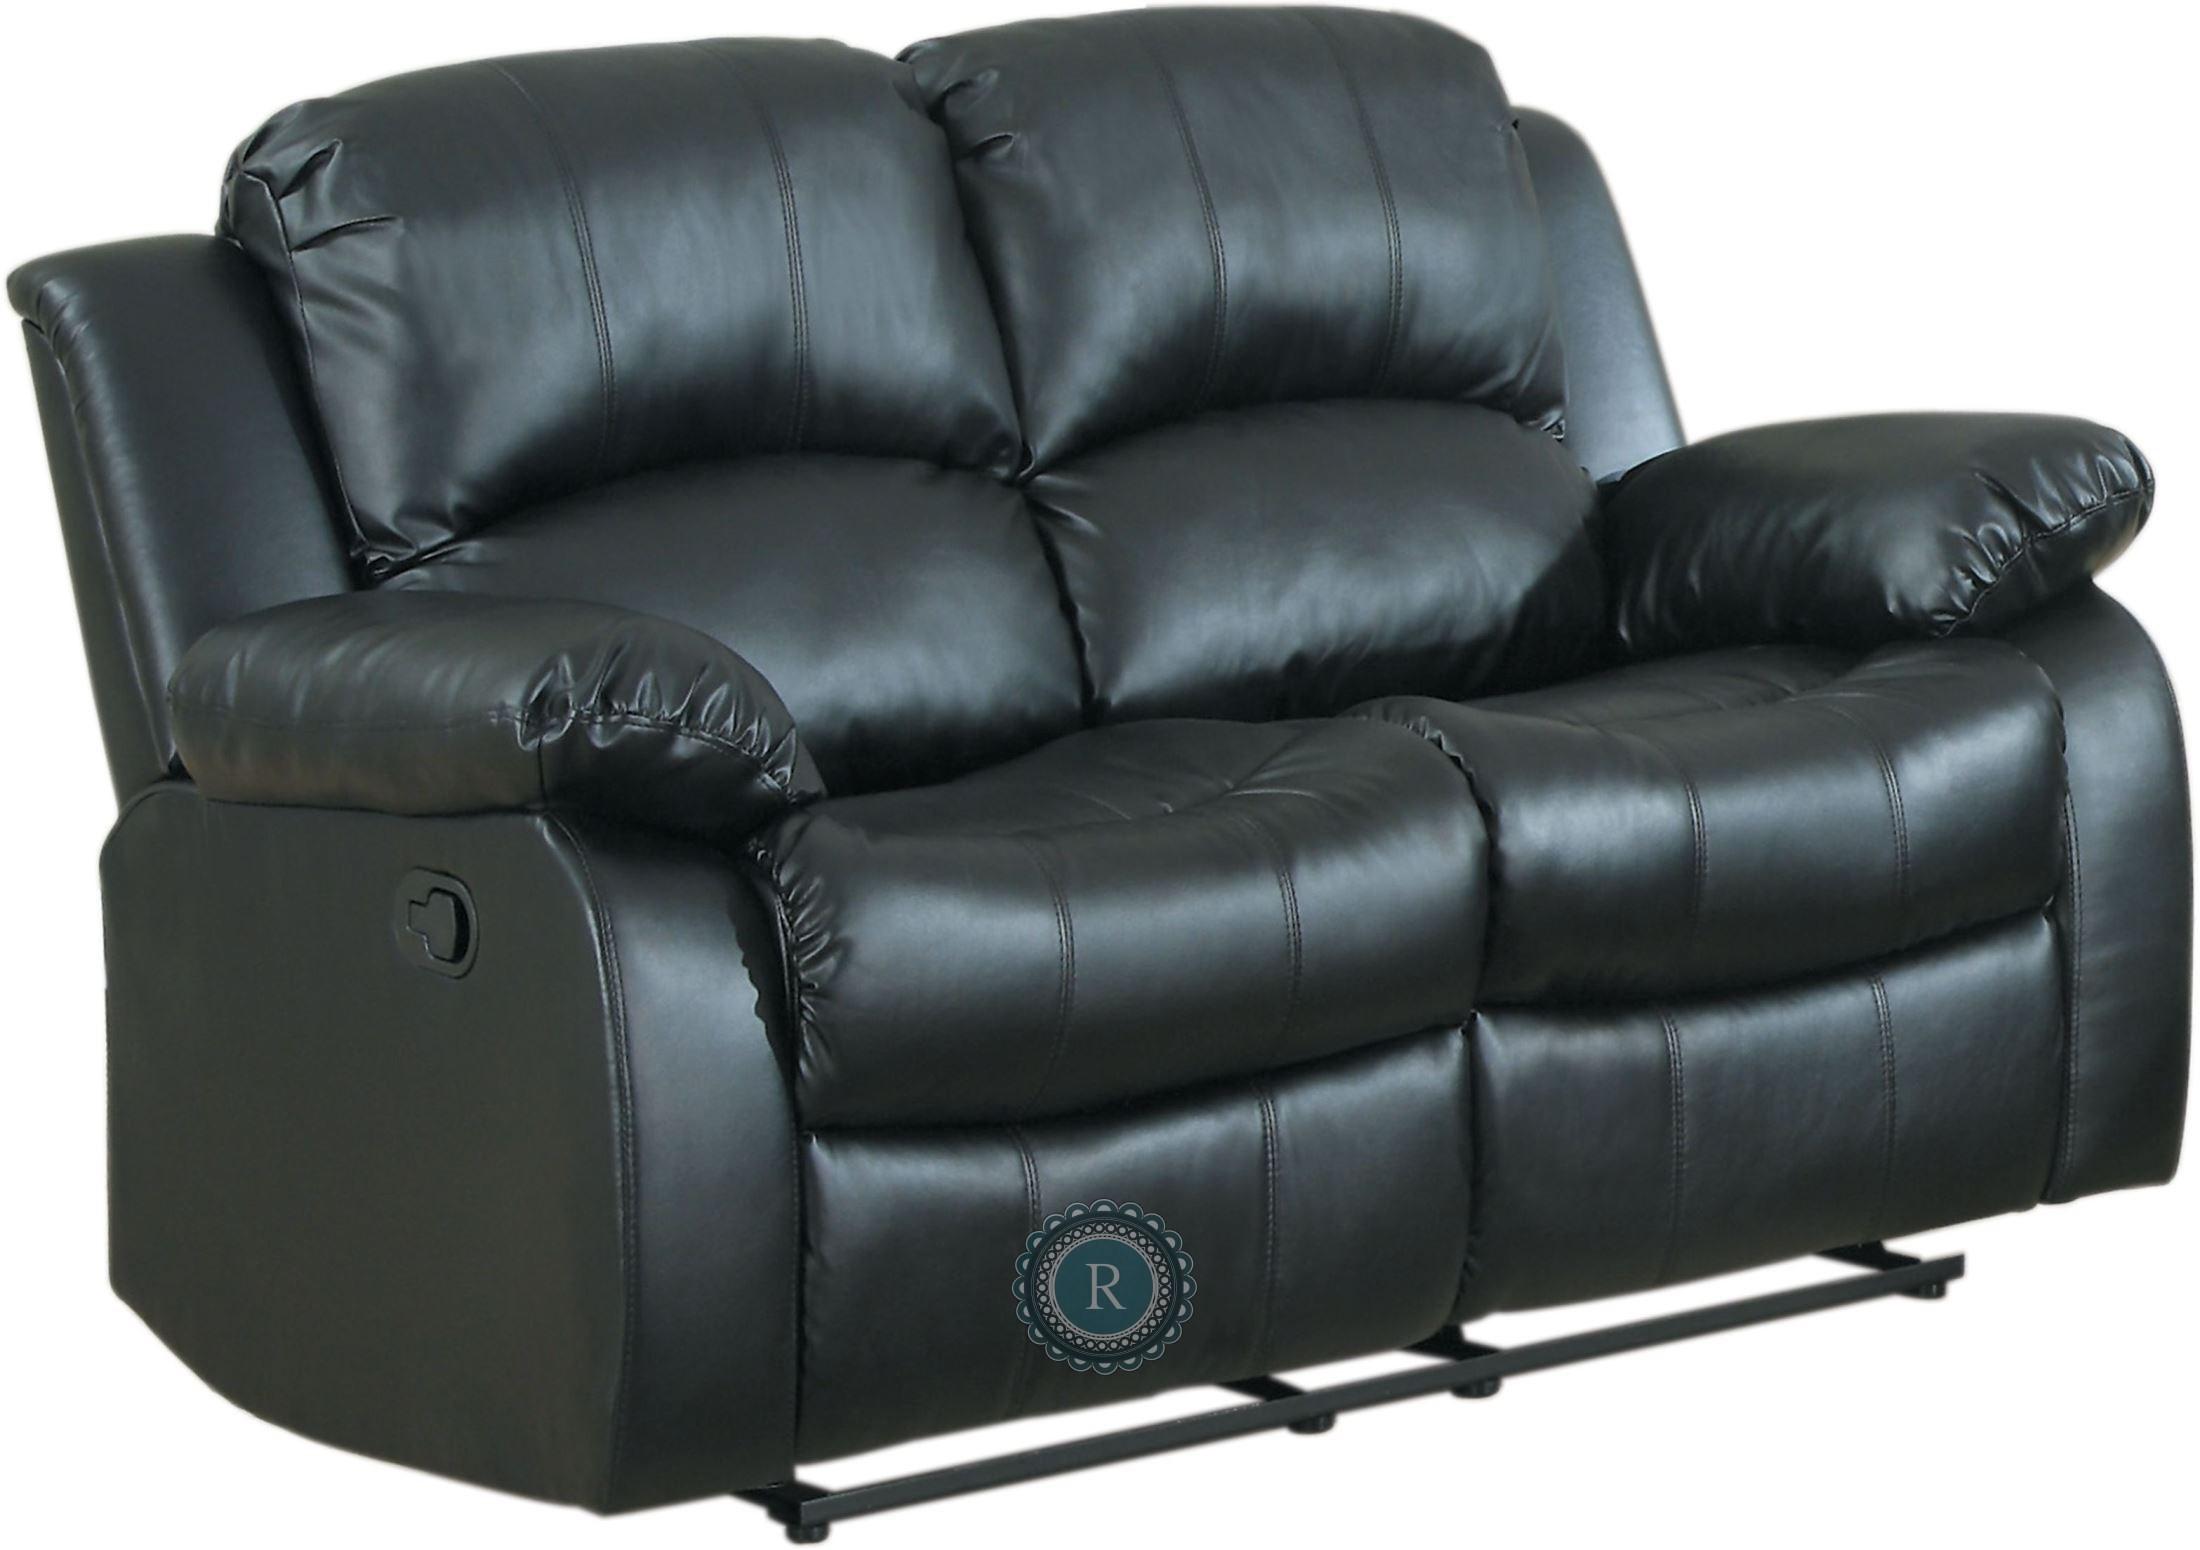 Black Loveseat Vernon Loveseat Black Reclining Loveseat 100 Black And White Sofa And Loveseat